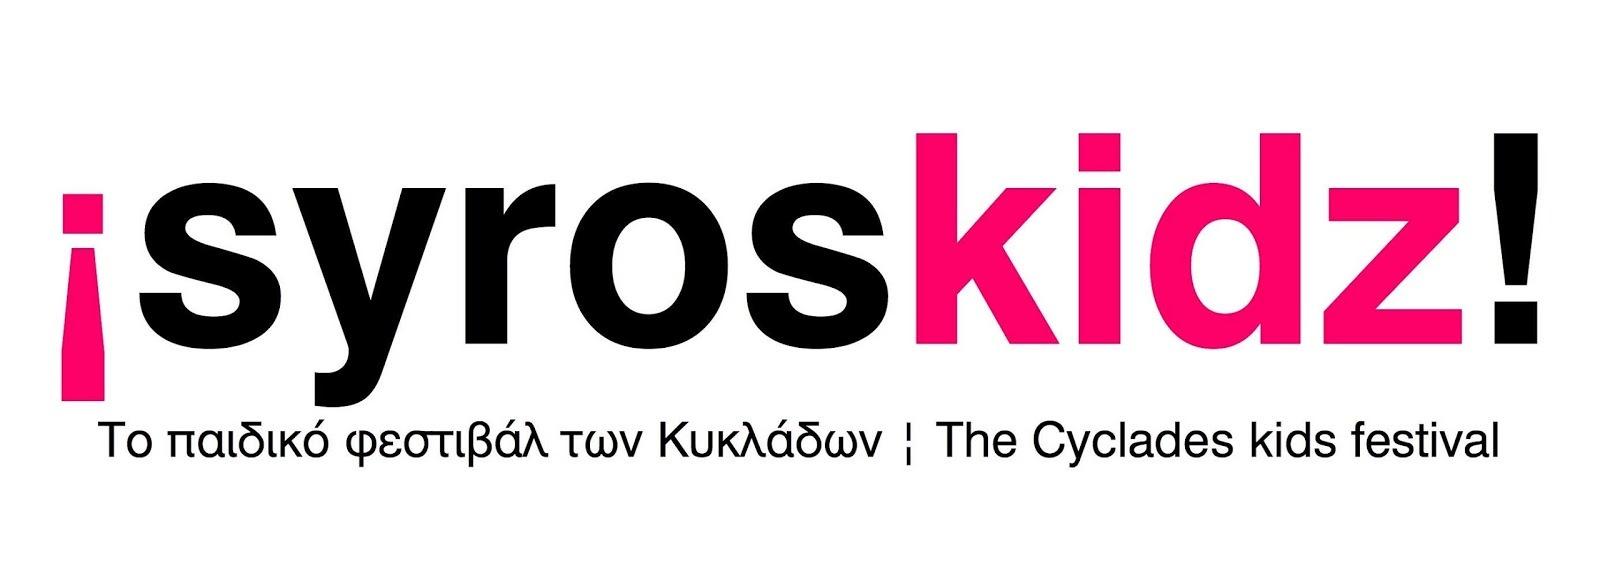 syroskidz